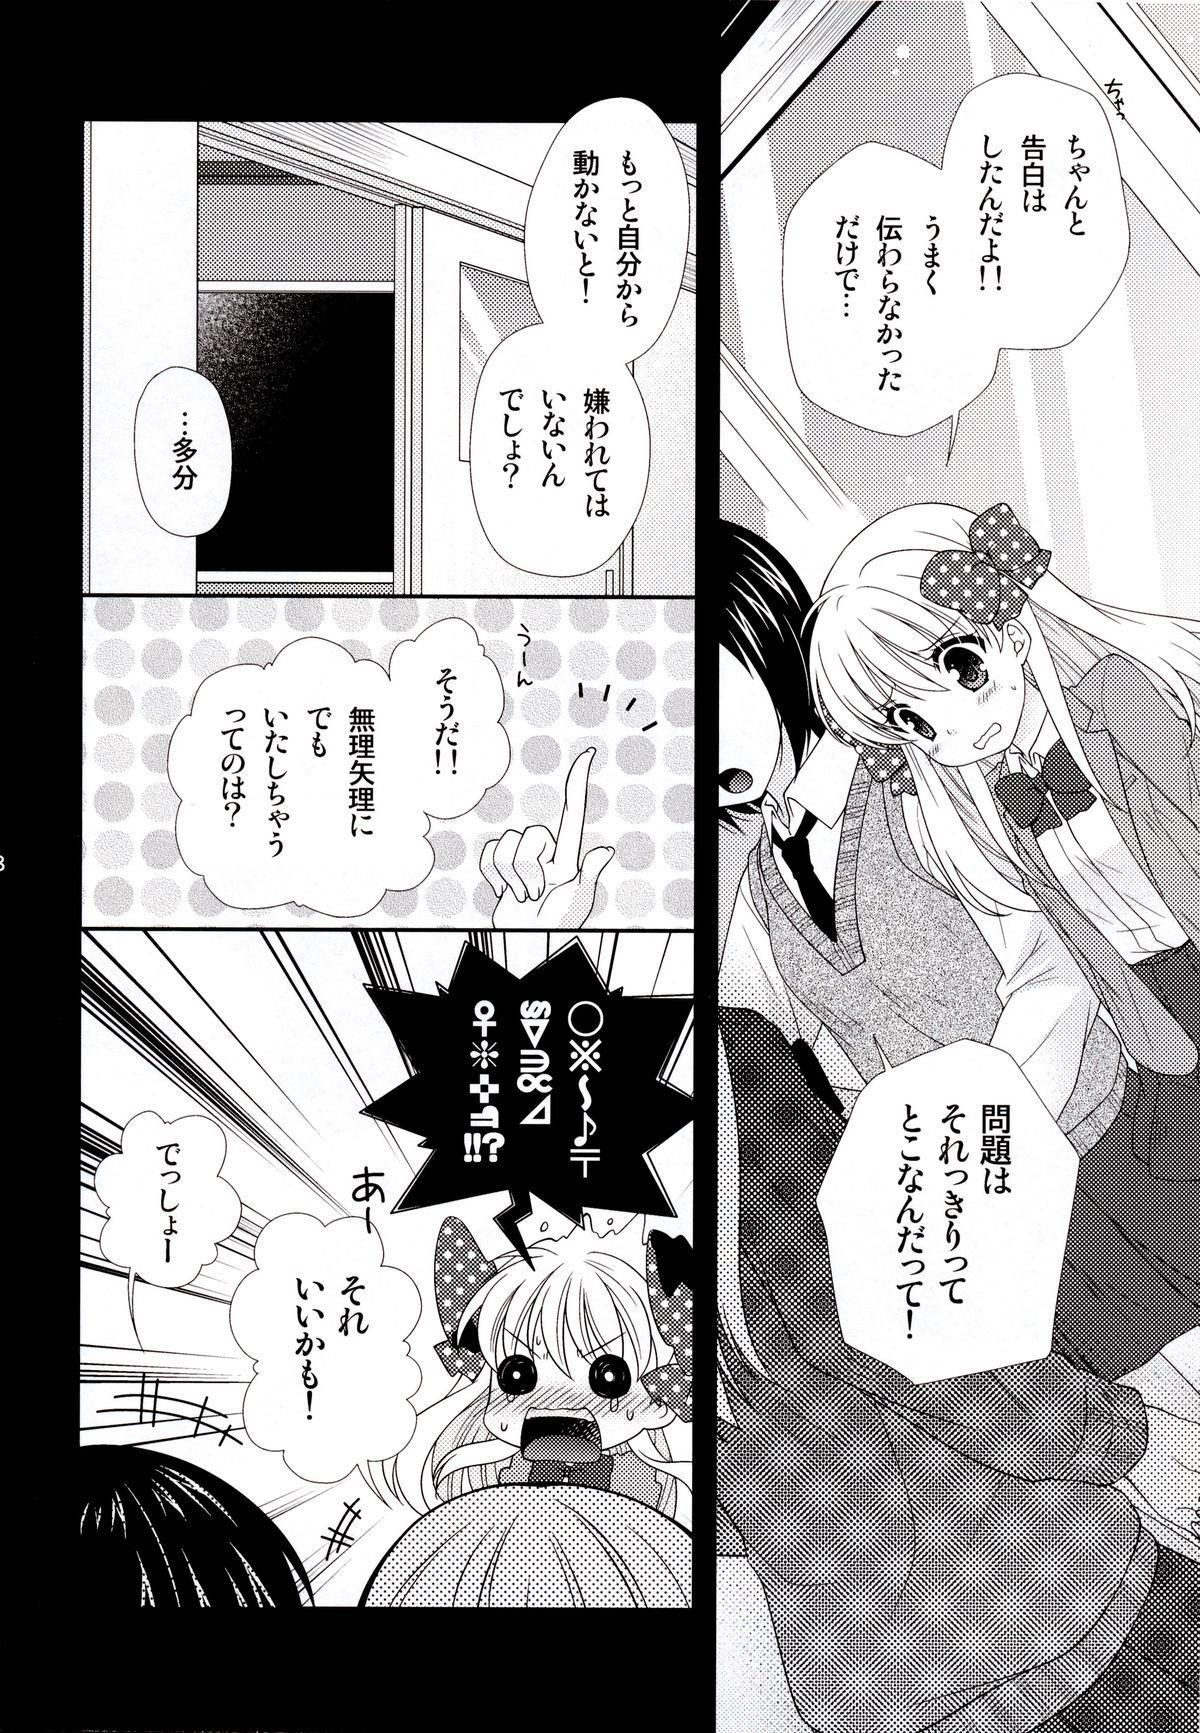 Nozaki-kun, Watashi ni Tetsudaeru koto, Aru? 7